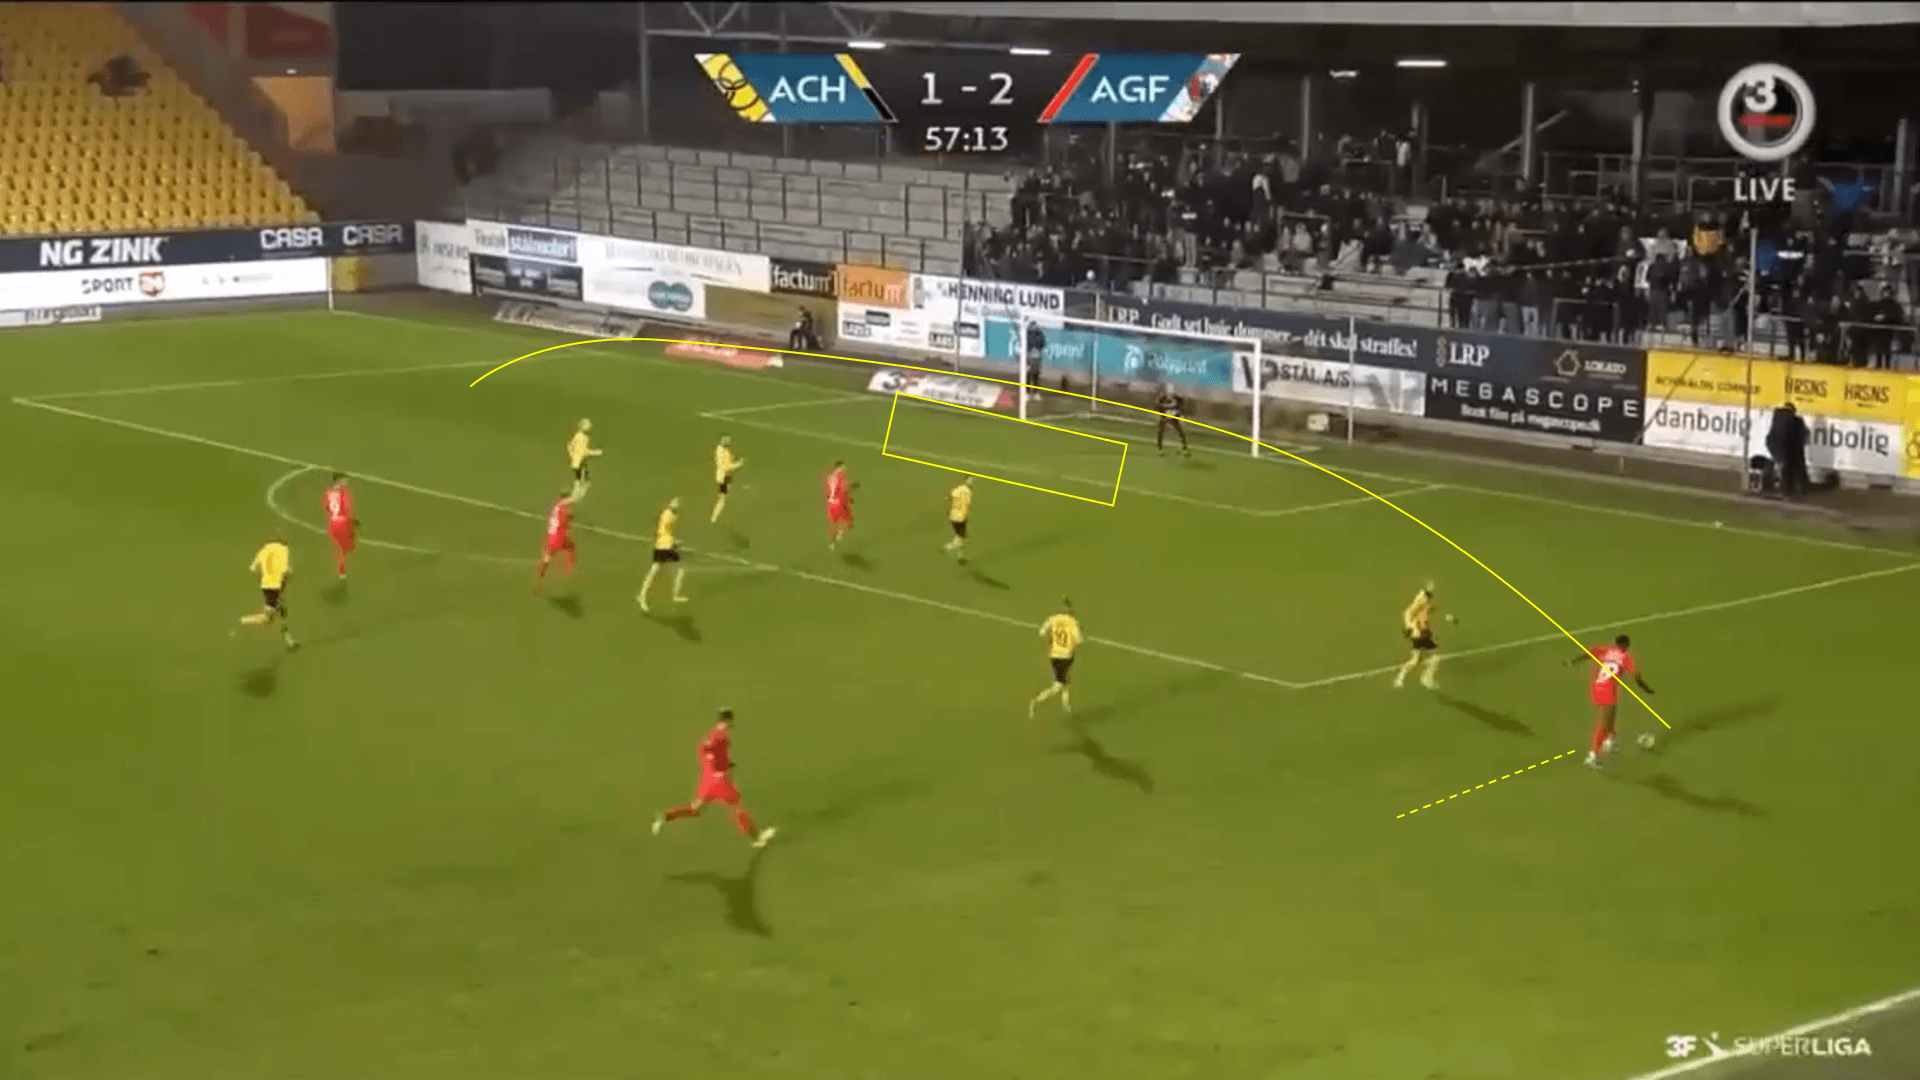 Mustapha Bundu 2019/20 - scout report - tactical analysis tactics